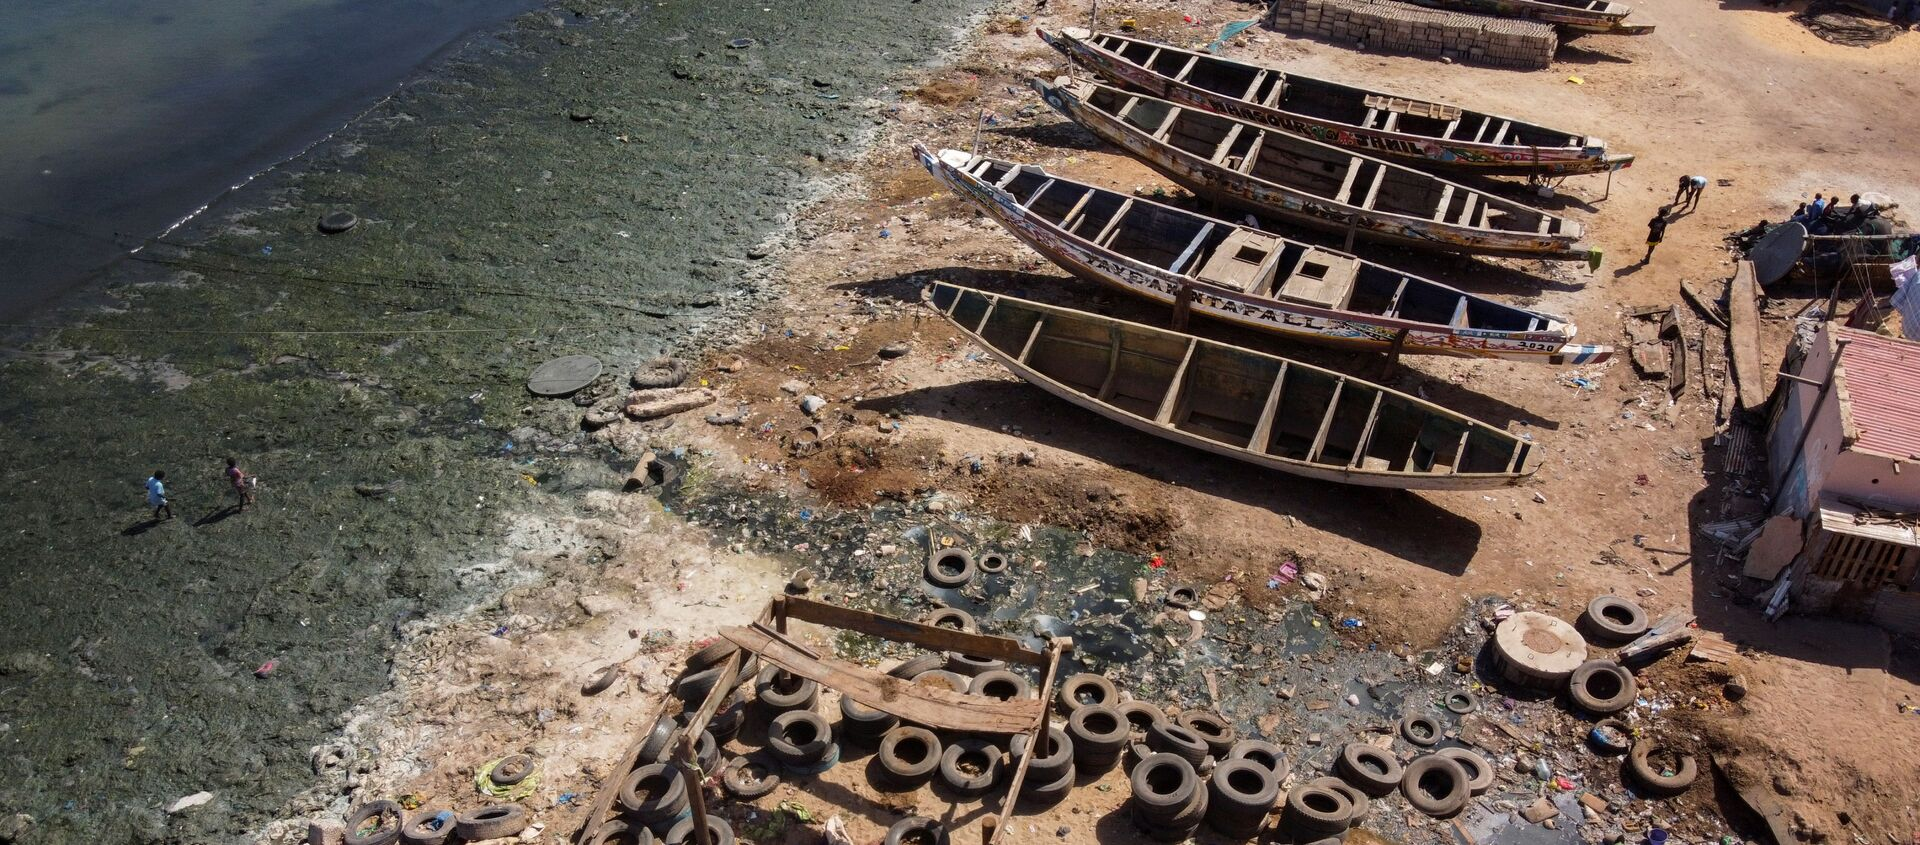 Сточные воды, текущие по открытым каналам в океан в заливе Ханн на восточной окраине полуострова Дакар, Сенегал - Sputnik Азербайджан, 1920, 30.03.2021